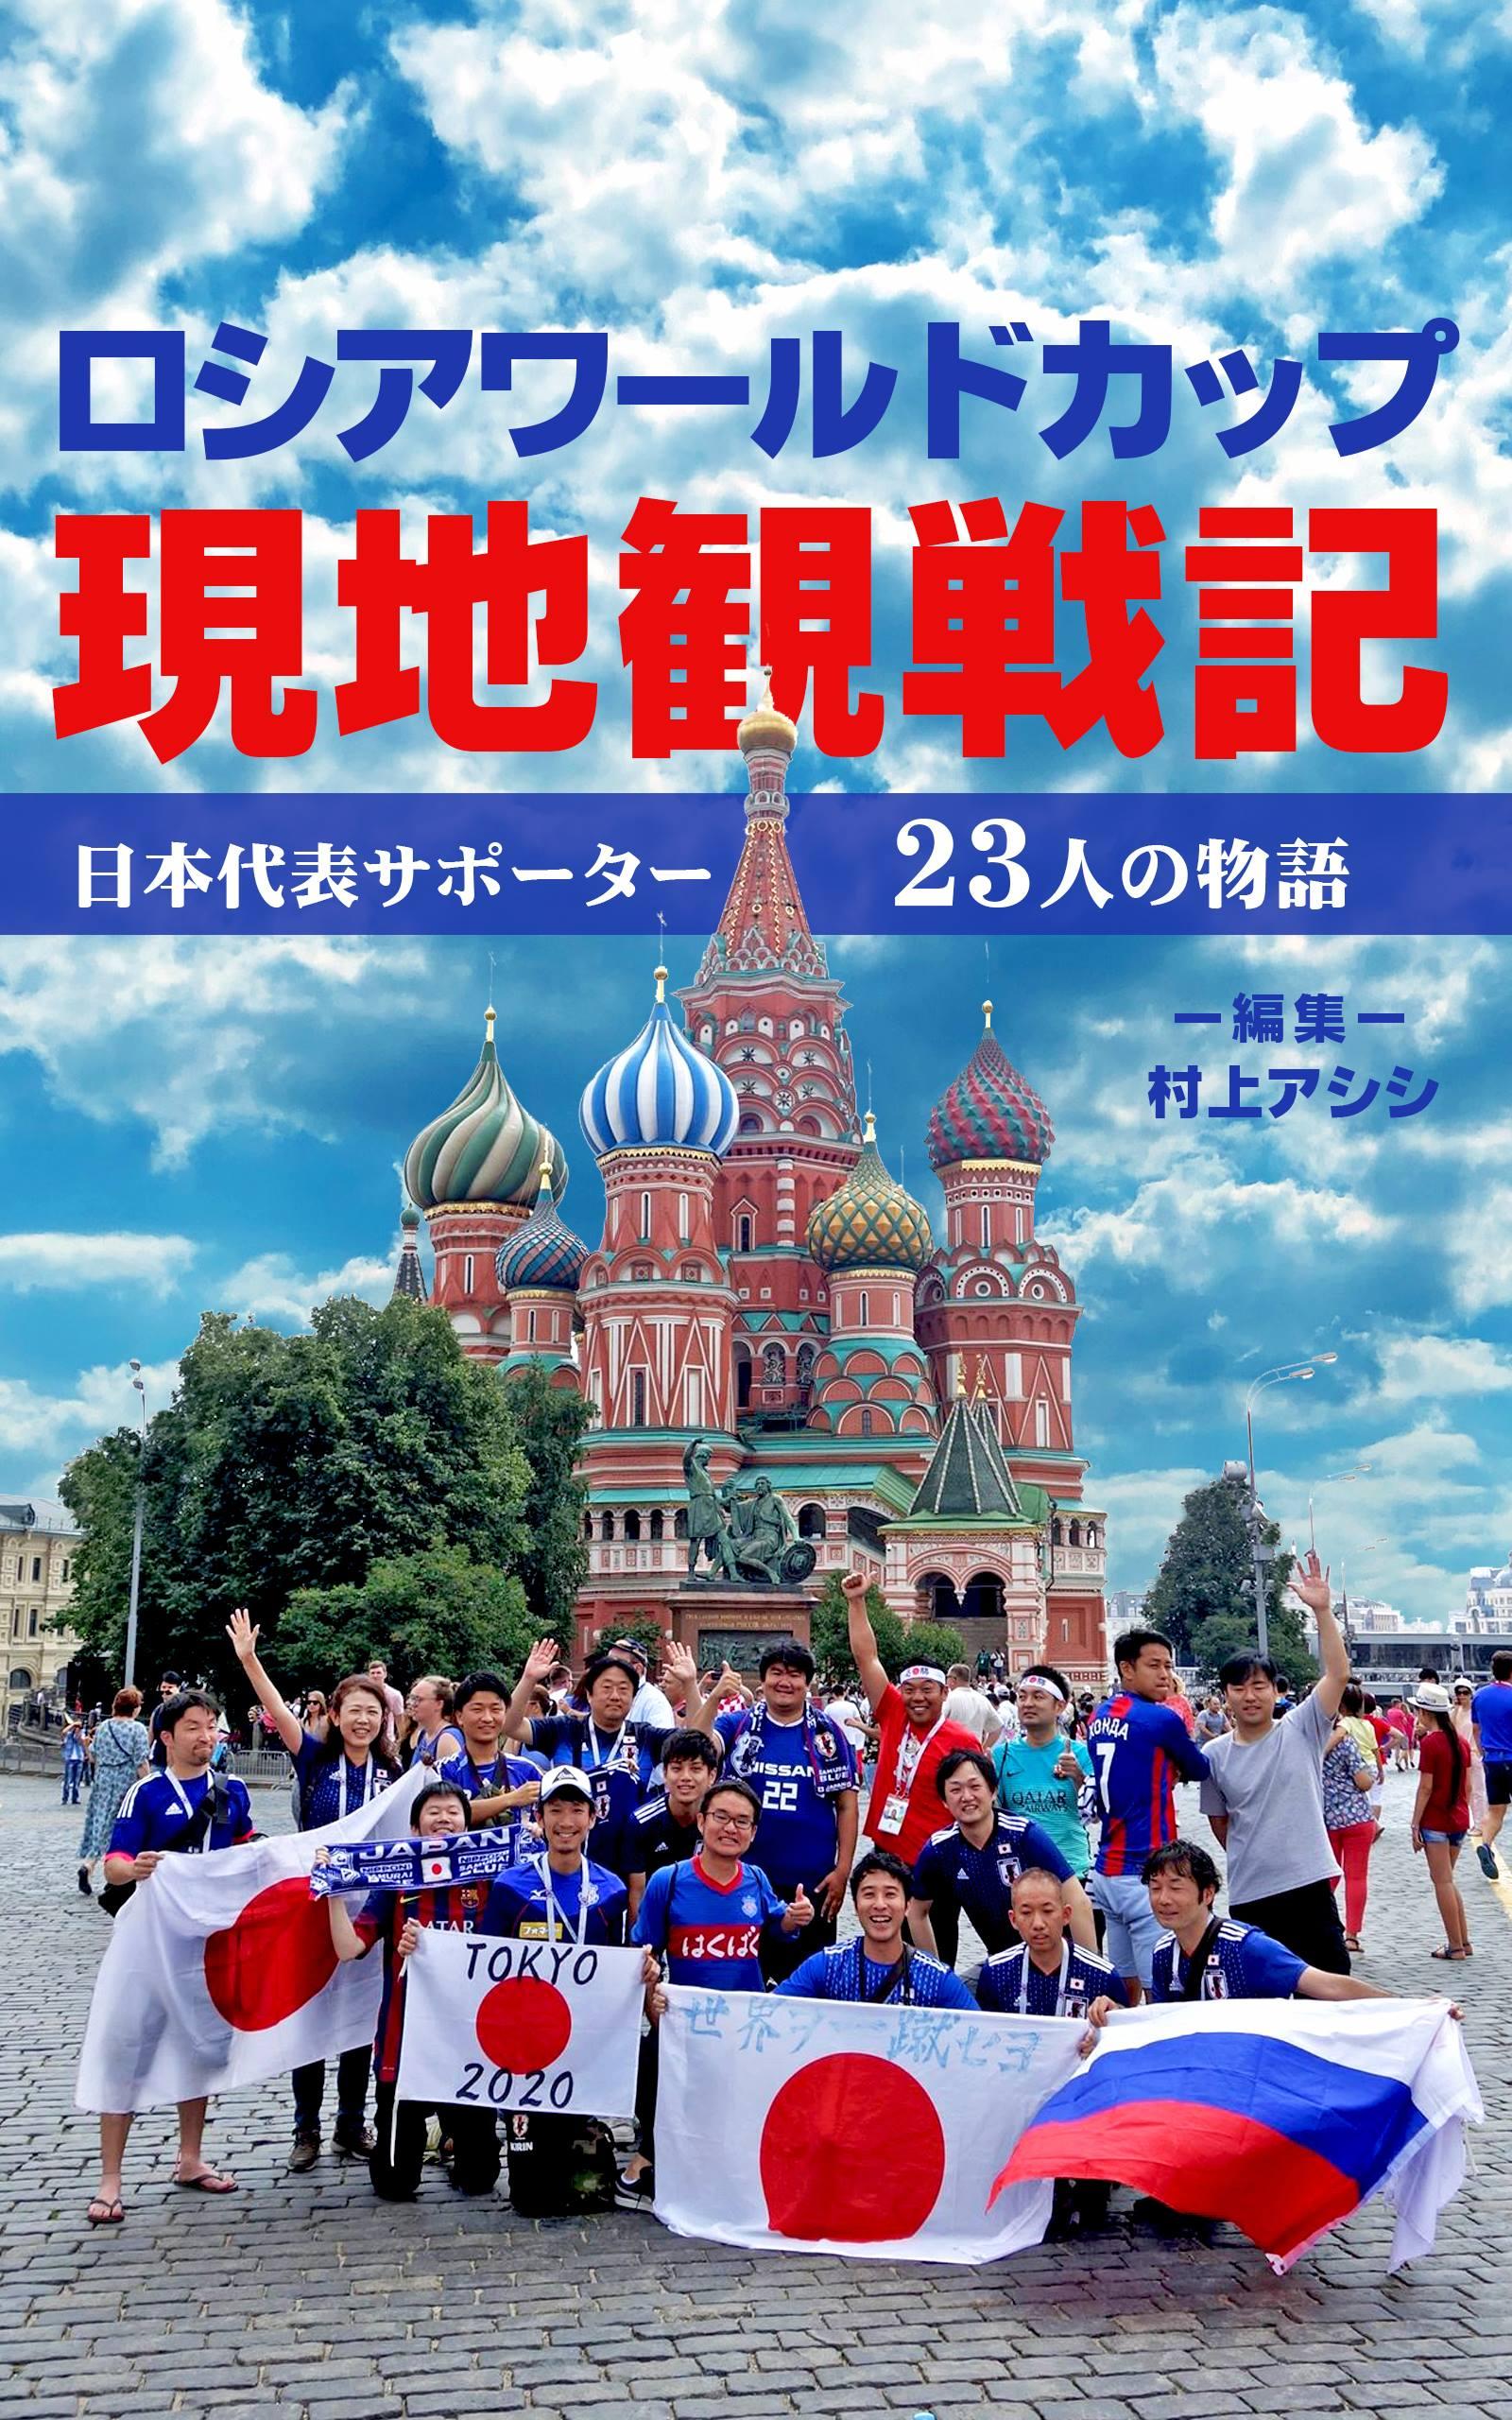 ロシアワールドカップ現地観戦記